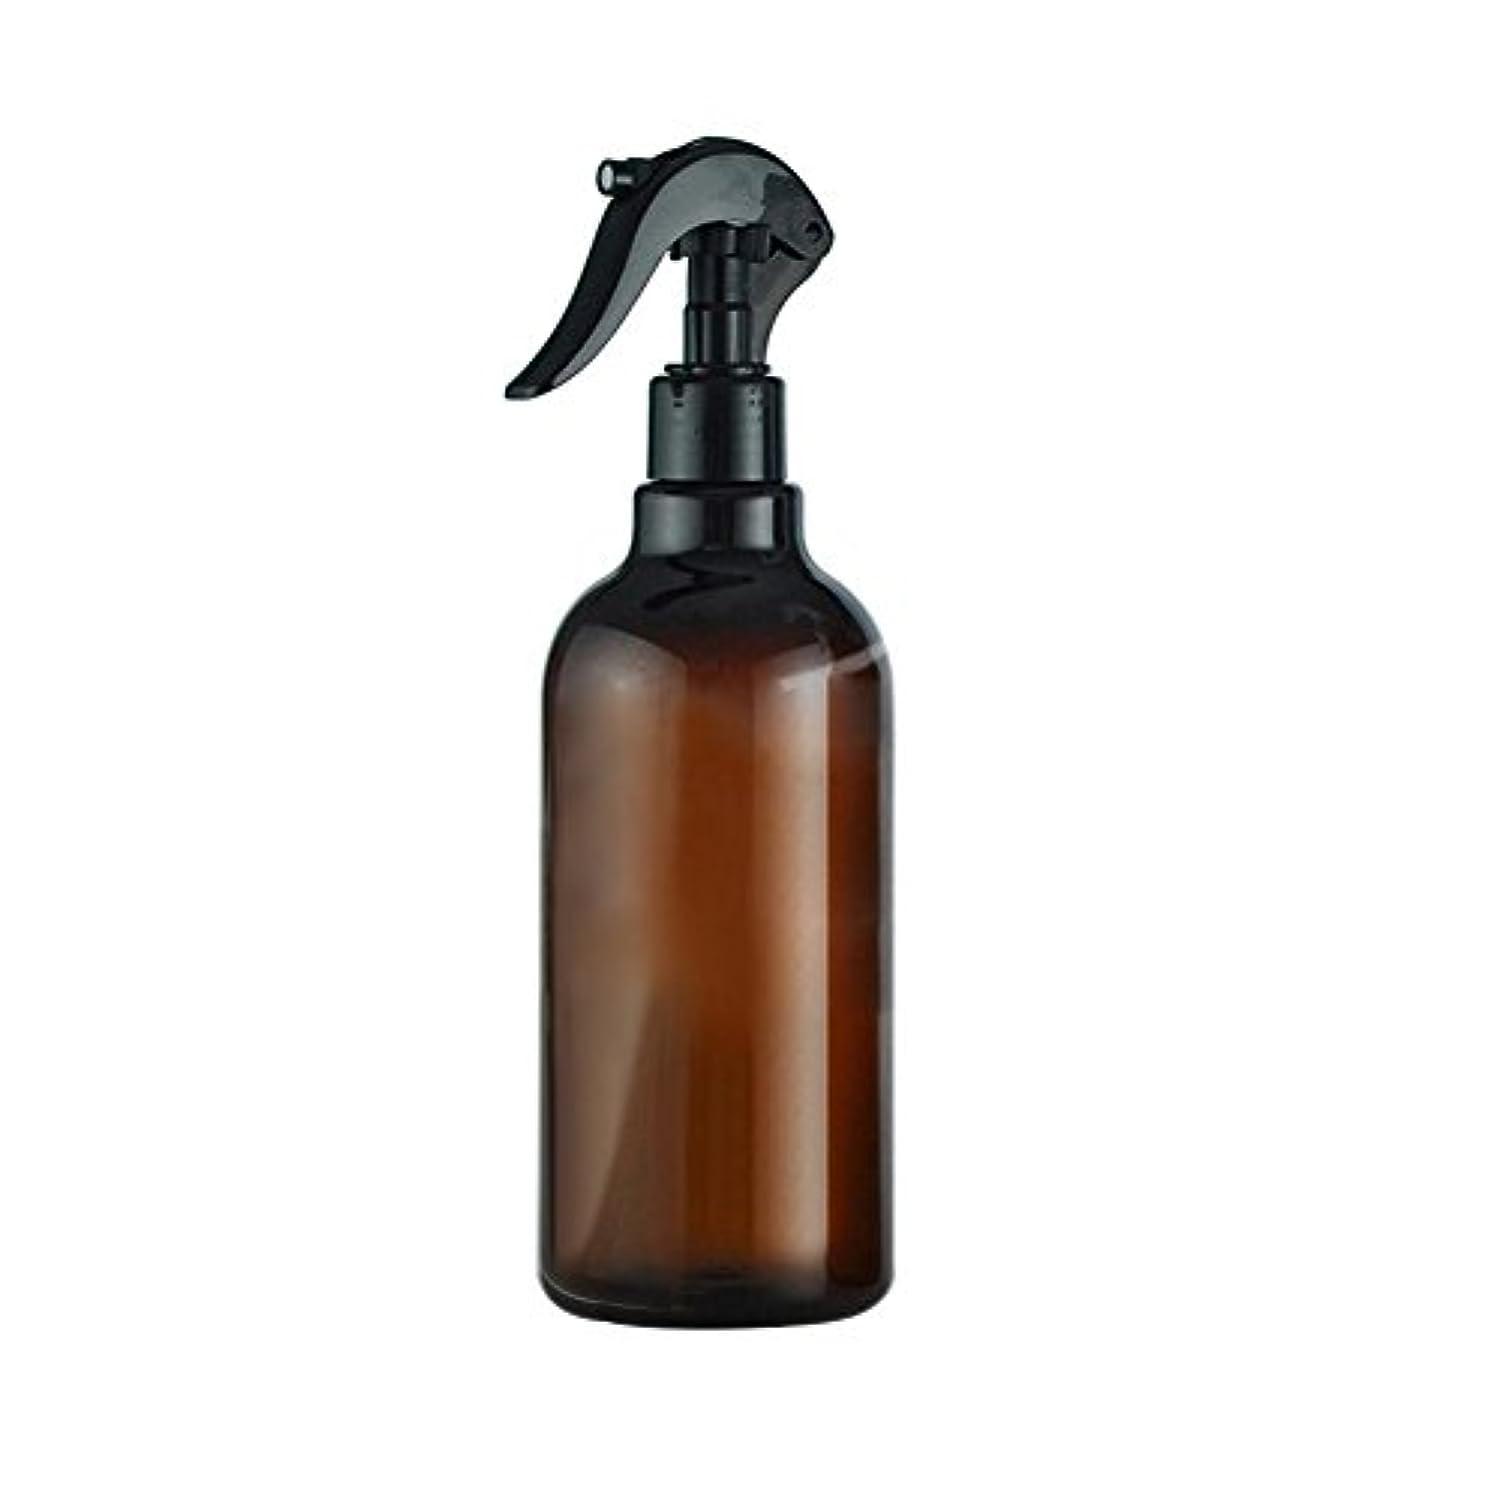 台無しに言語方向BETTER YOU (ベター ュー) スプレーボトル 化粧品ボトル 500ml 詰替え容器 ボトル 化粧水入れ 旅行 香水 化粧水用瓶